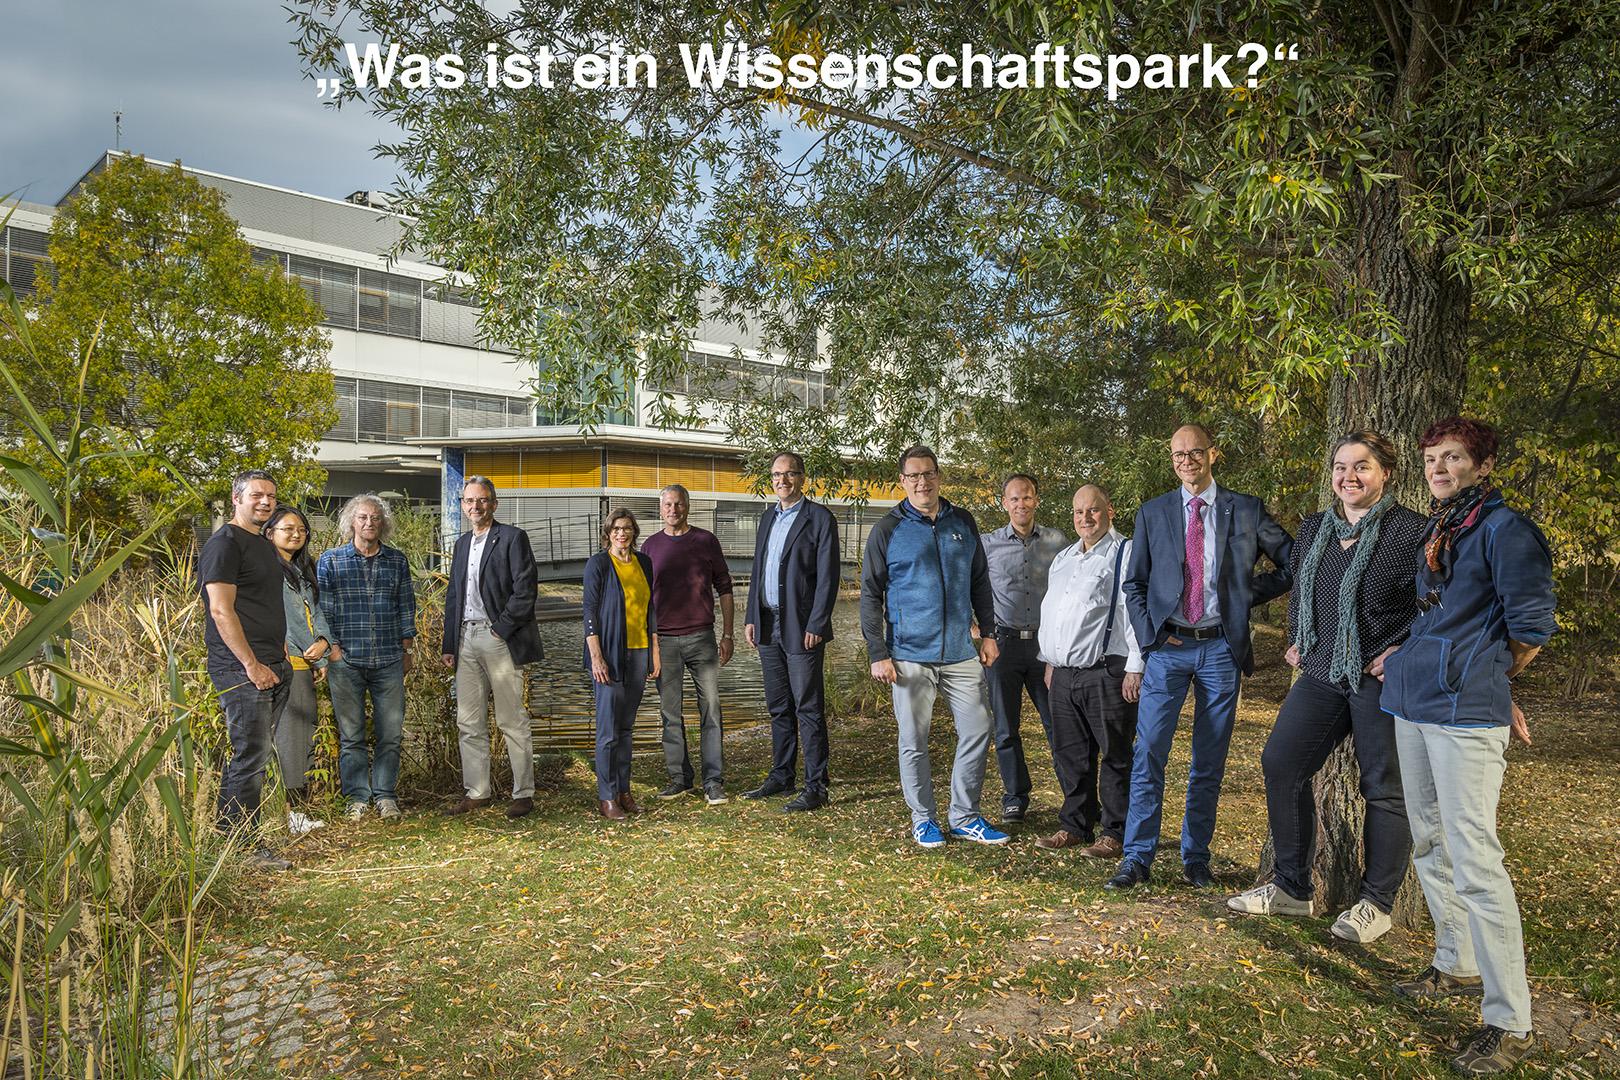 Wissenschaftspark Golm